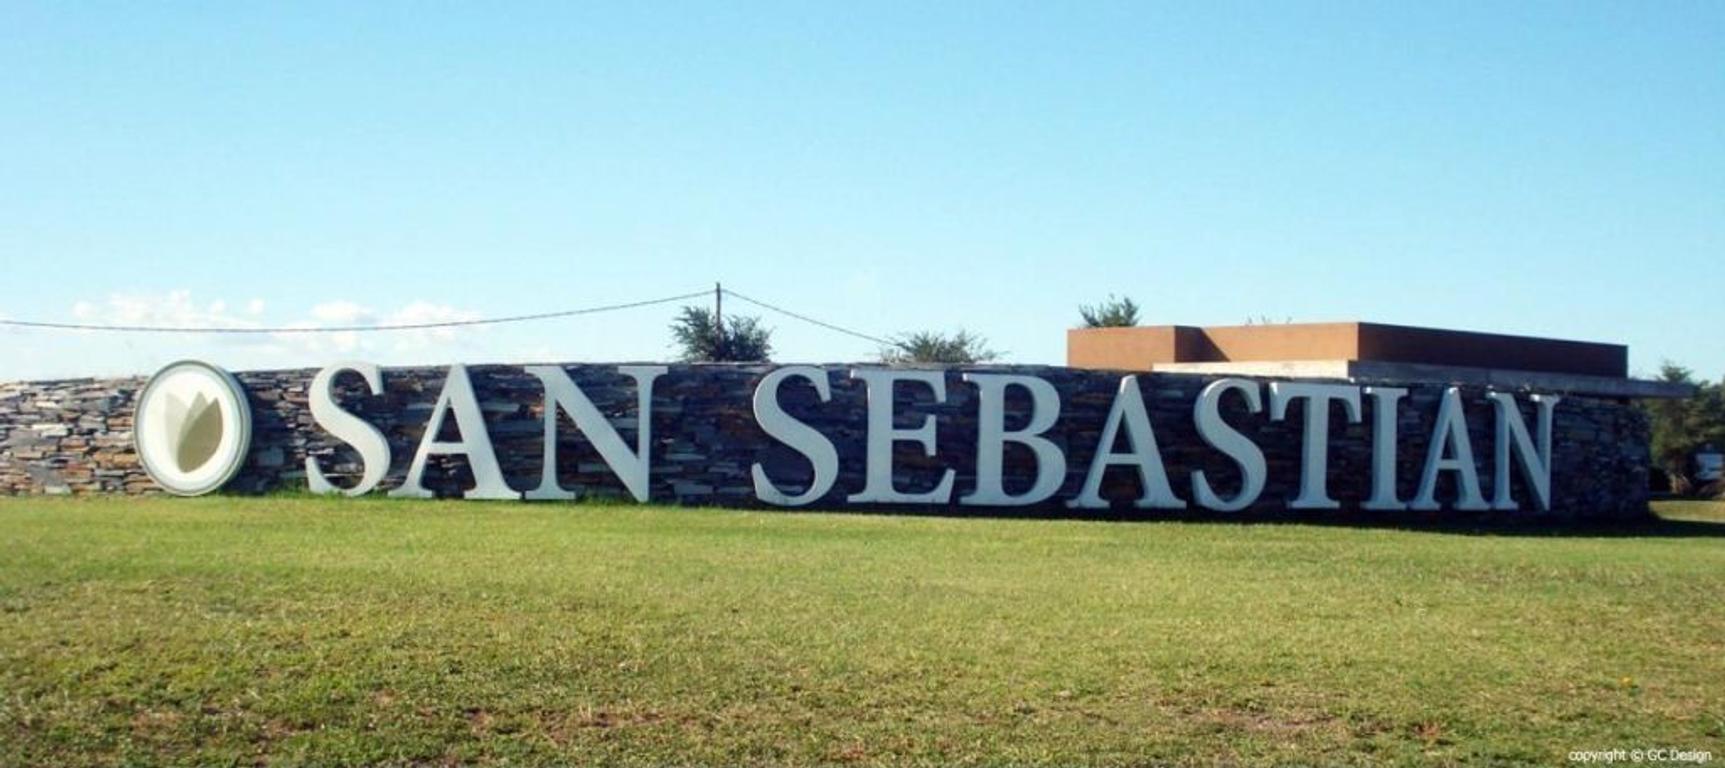 Terreno Lote  en Venta ubicado en San Sebastian, Escobar y alrededores - PIL2225_LP1939_1